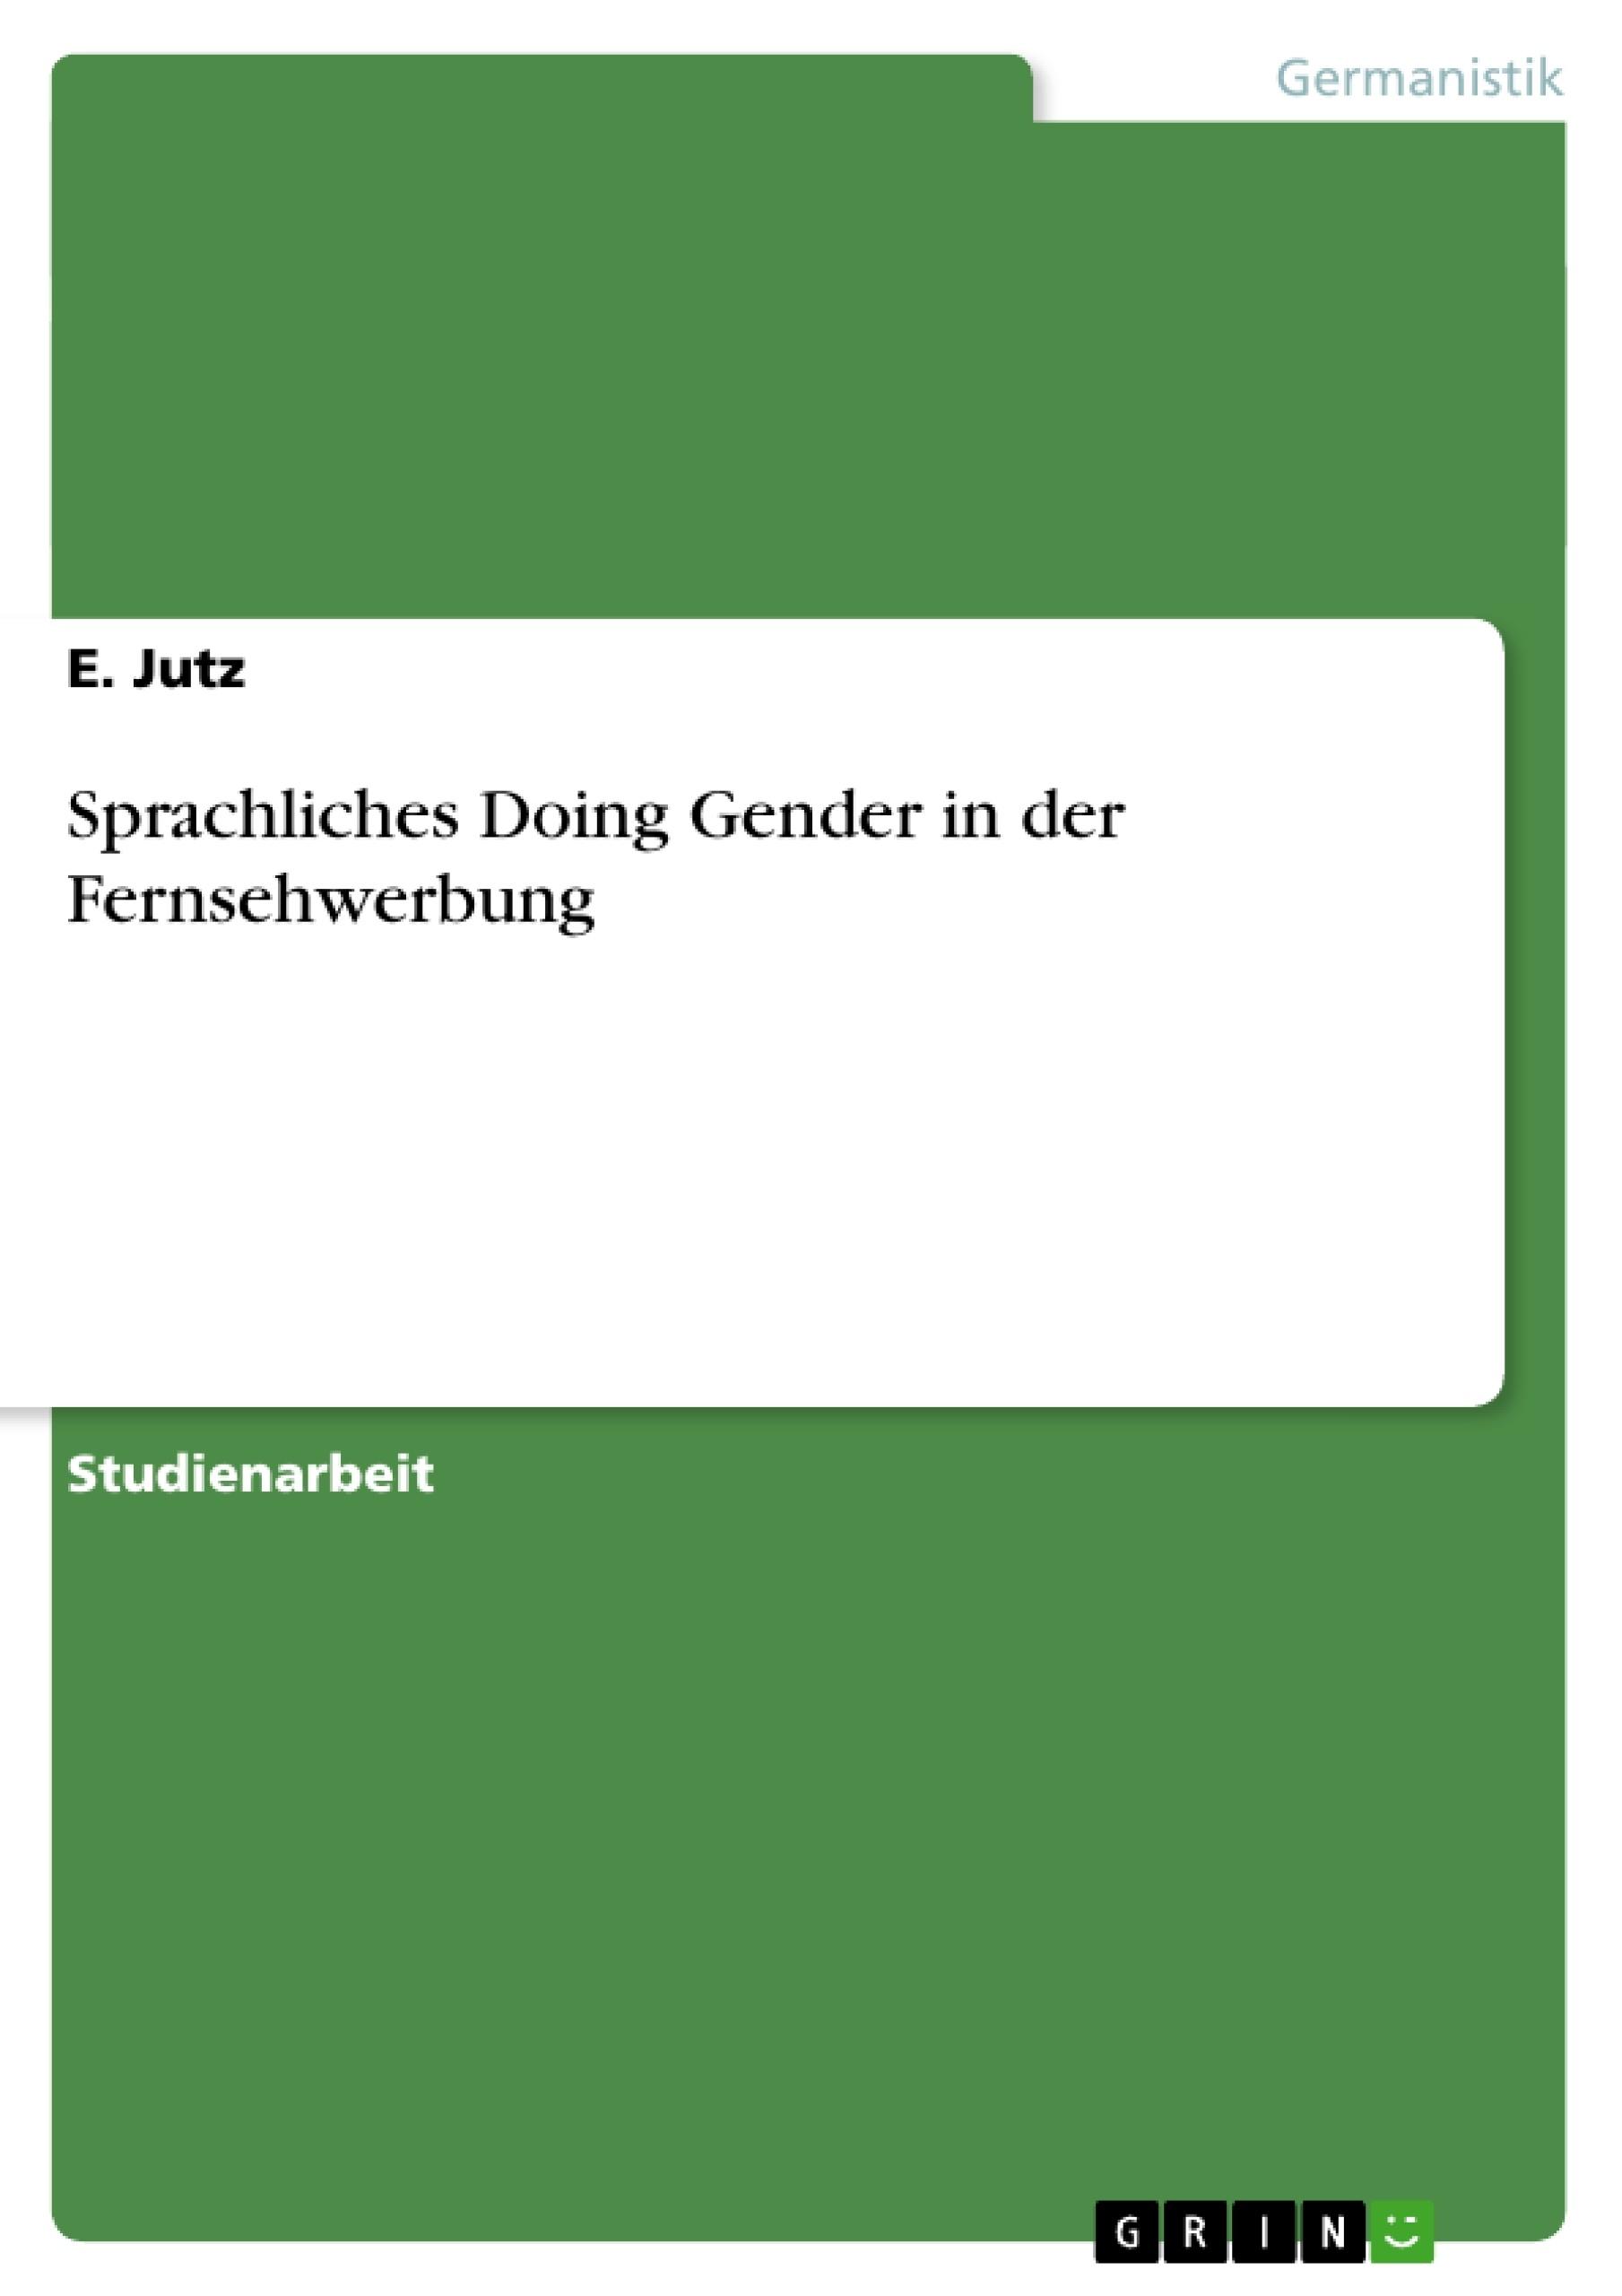 Titel: Sprachliches Doing Gender in der Fernsehwerbung